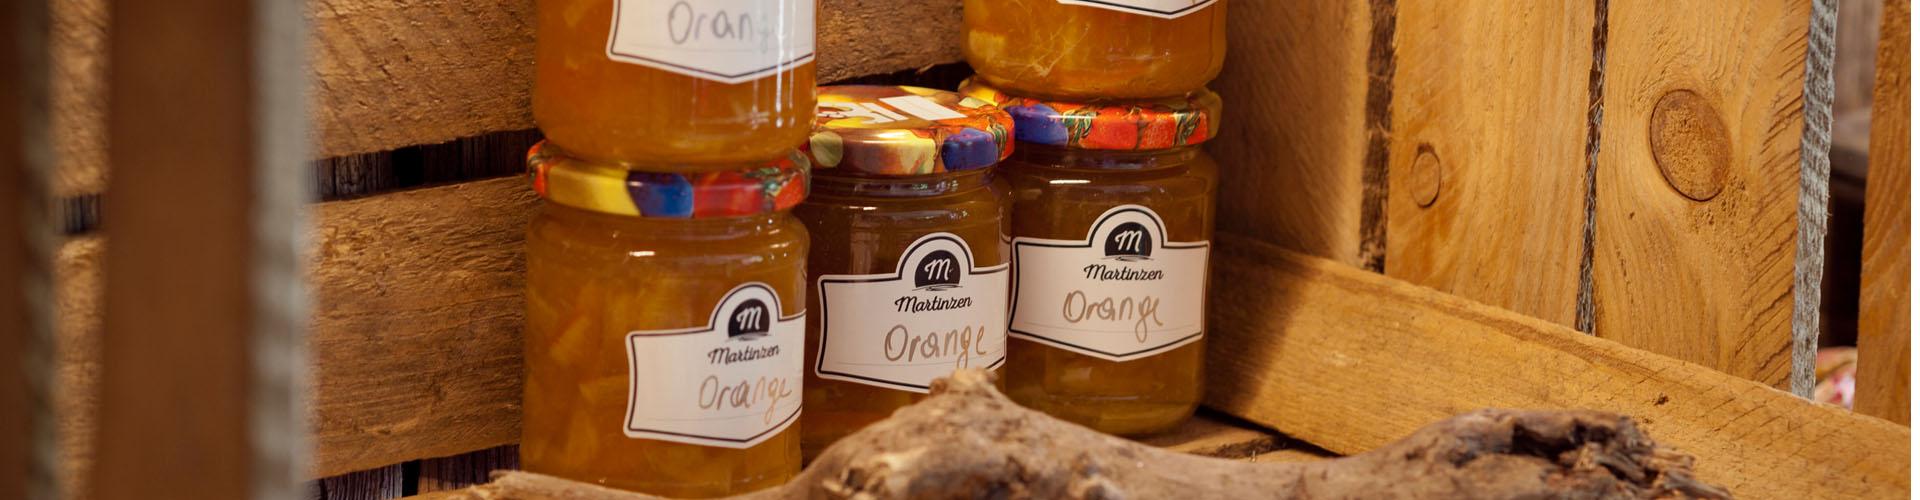 marmeladen-orangen-martinzenbauer